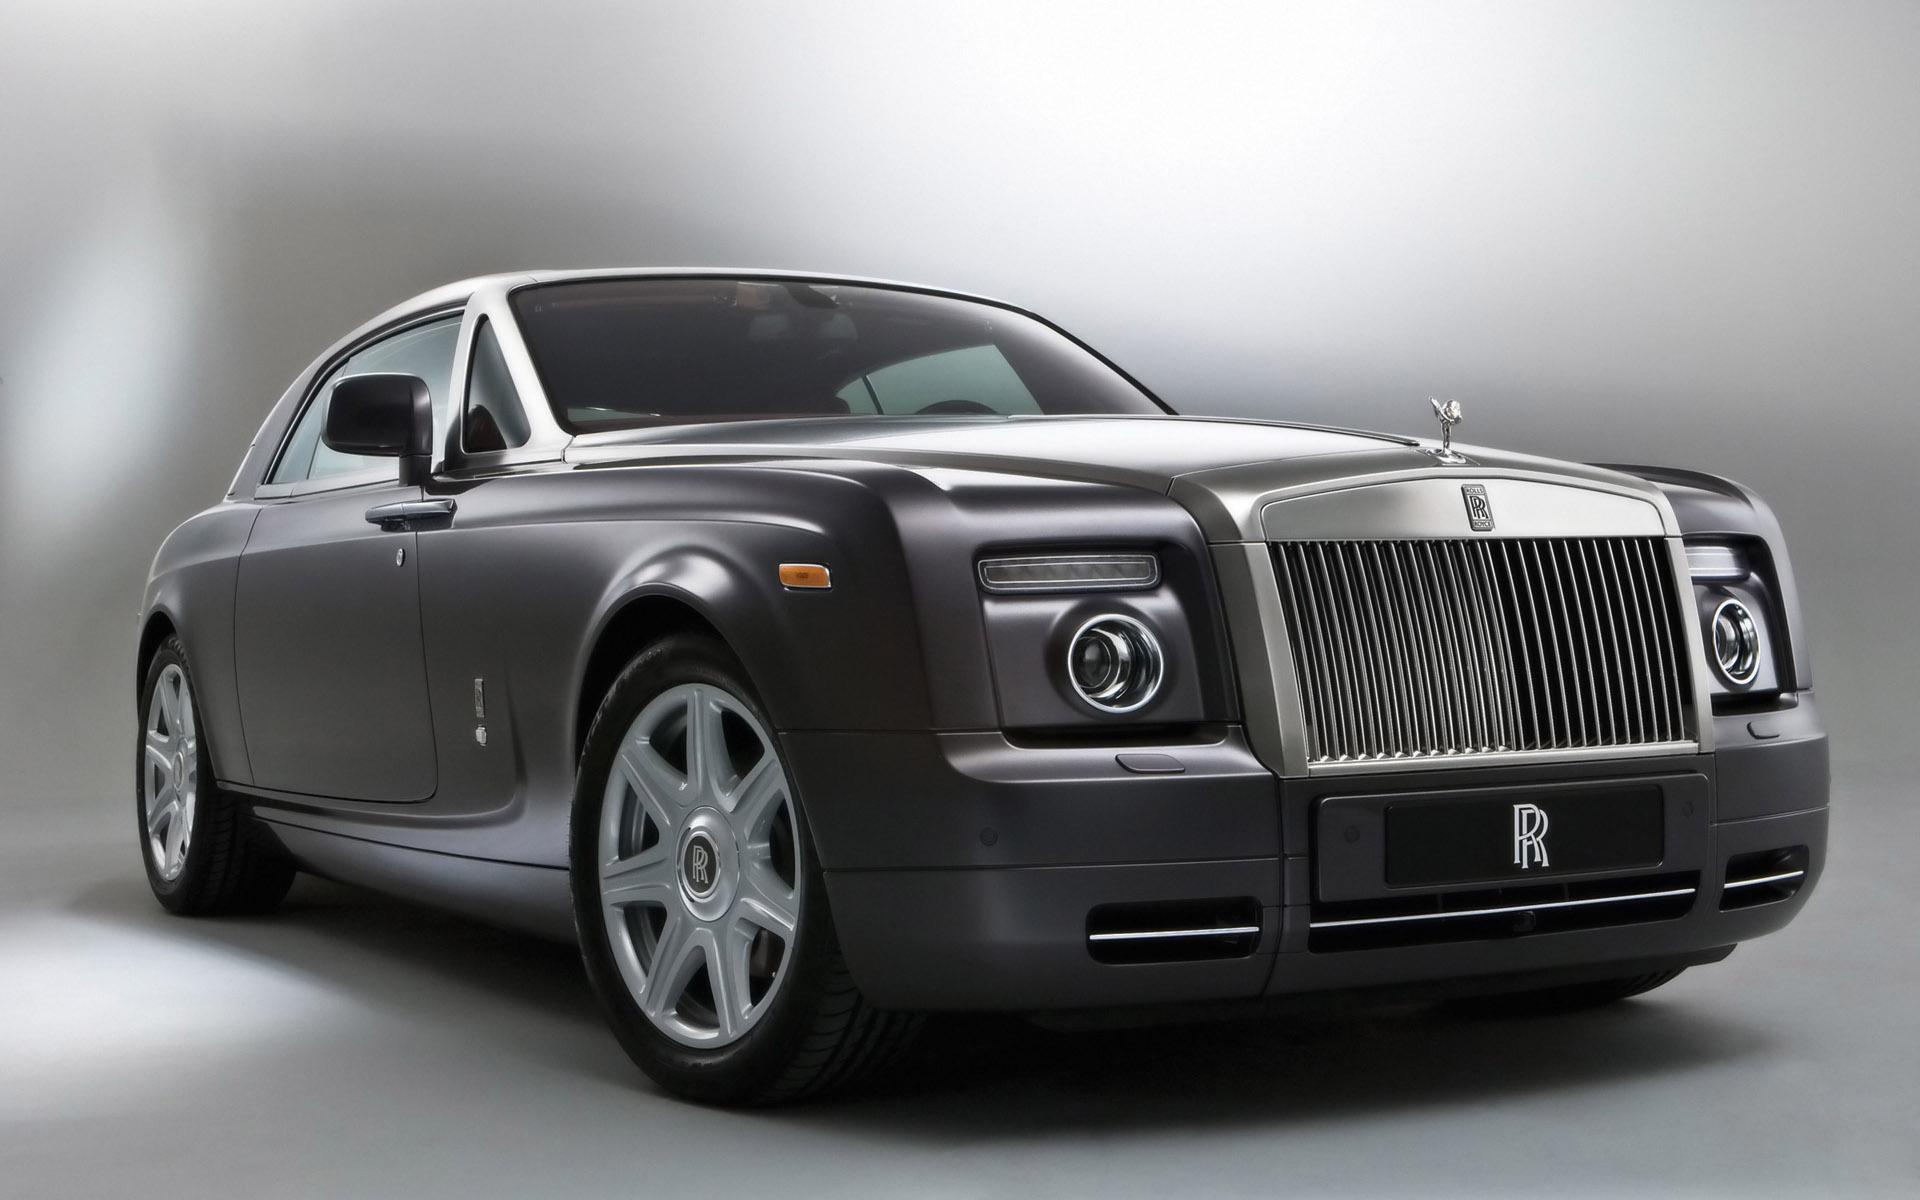 HD Wallpapers Rolls Royce